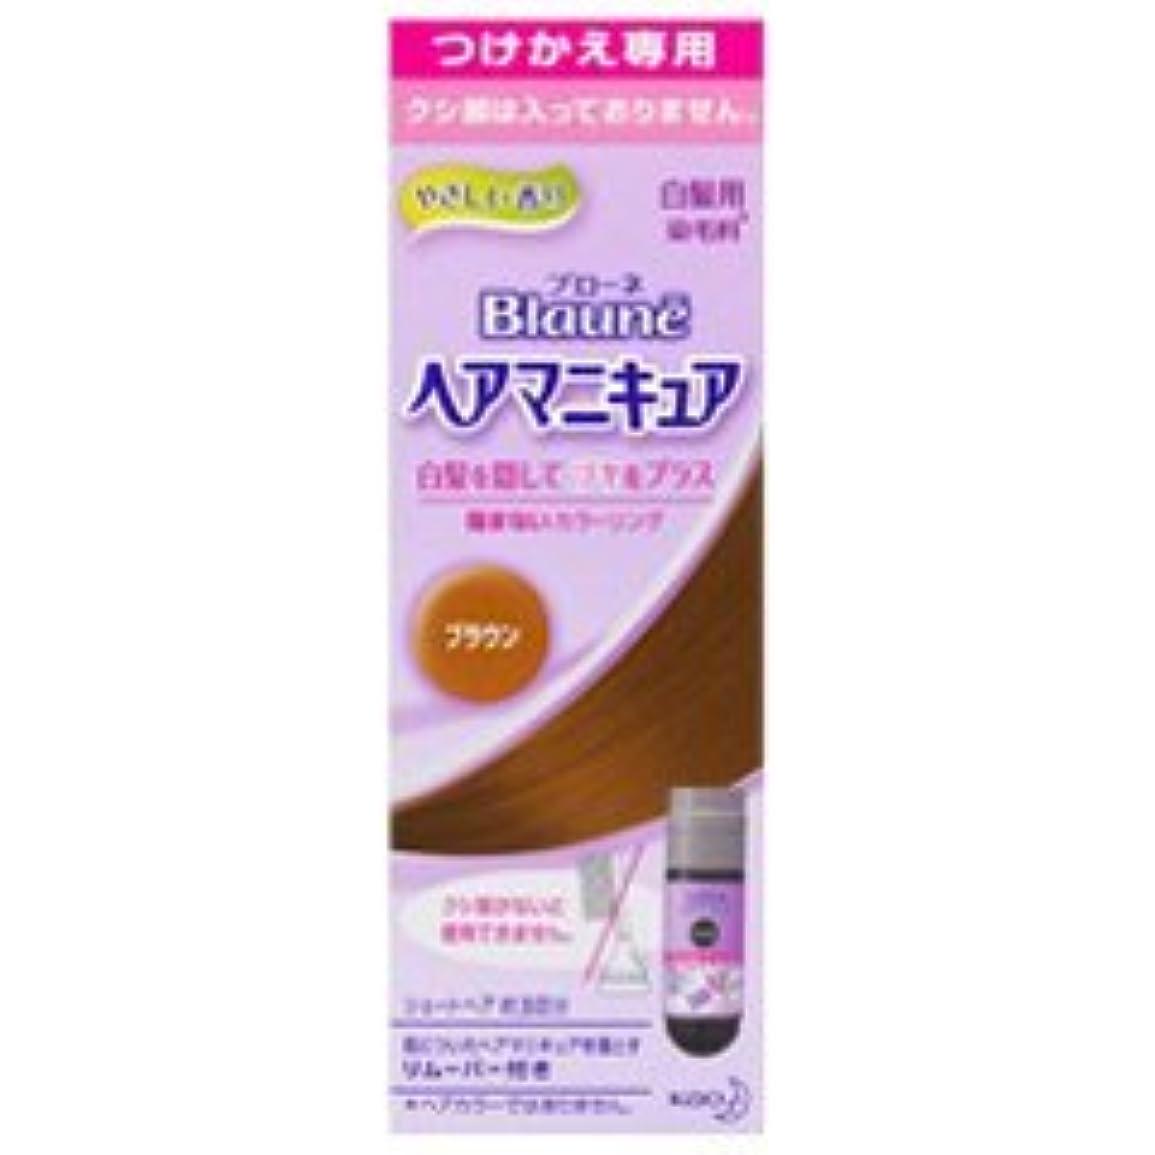 原点好き誤解する【花王】ブローネ ヘアマニキュア 白髪用つけかえ用ブラウン ×5個セット